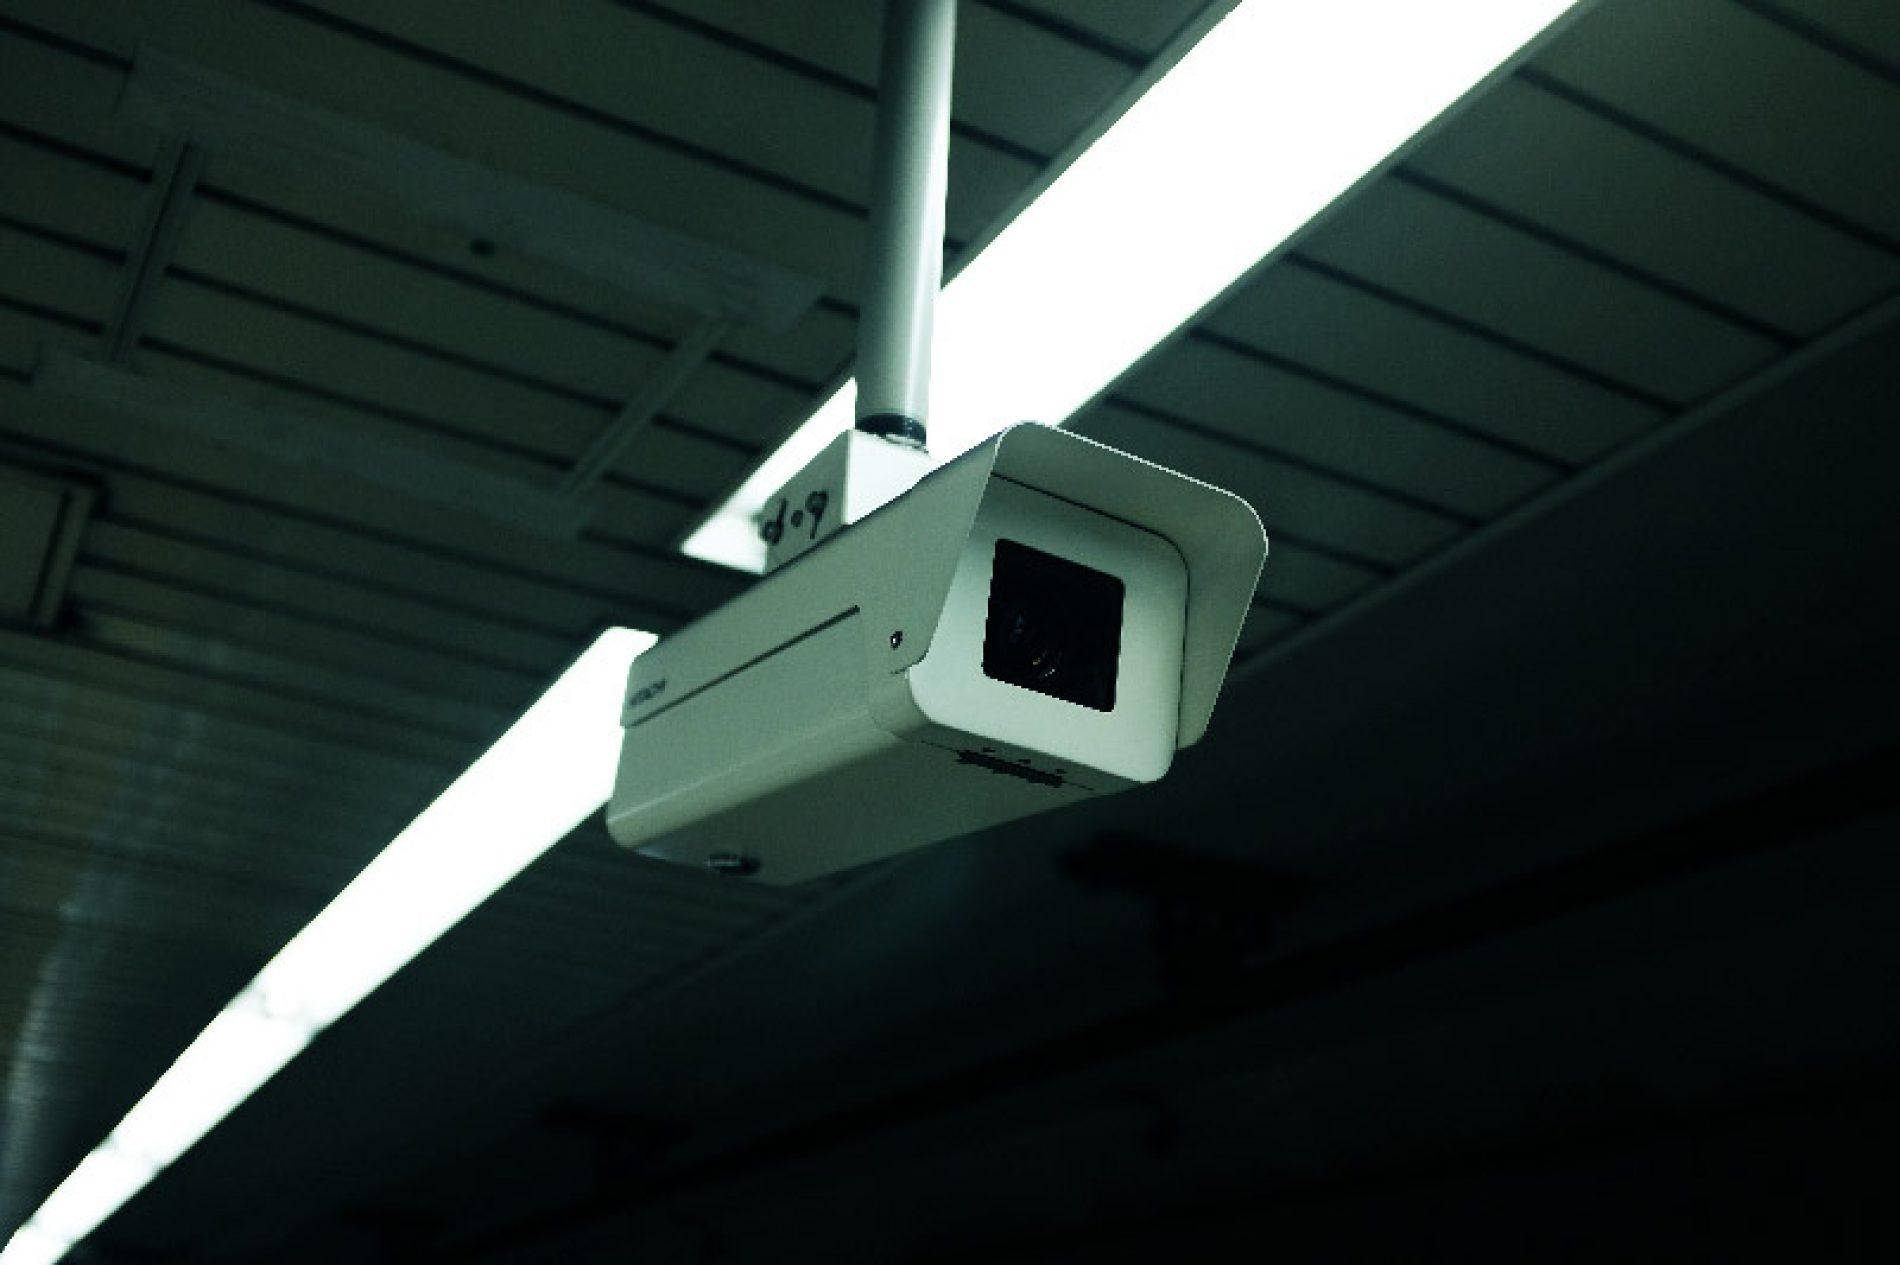 Videosorveglianza: necessità dell'accordo sindacale o dell'autorizzazione [E.Massi]